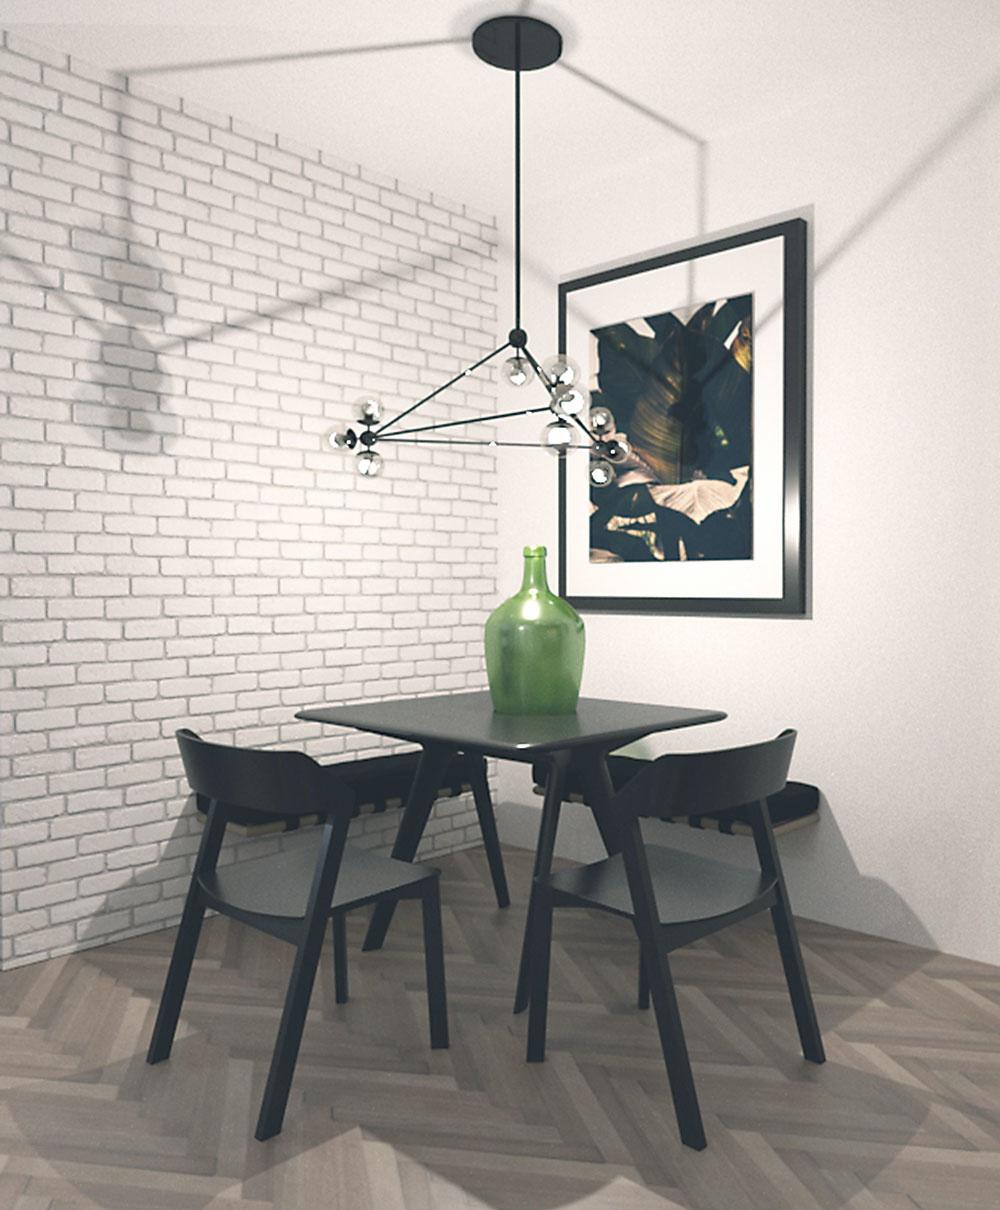 Jedálenský kút je riešený prakticky avduchu minimalizmu. Po oboch stranách steny sú namontované šikovné sklápacie lavice.